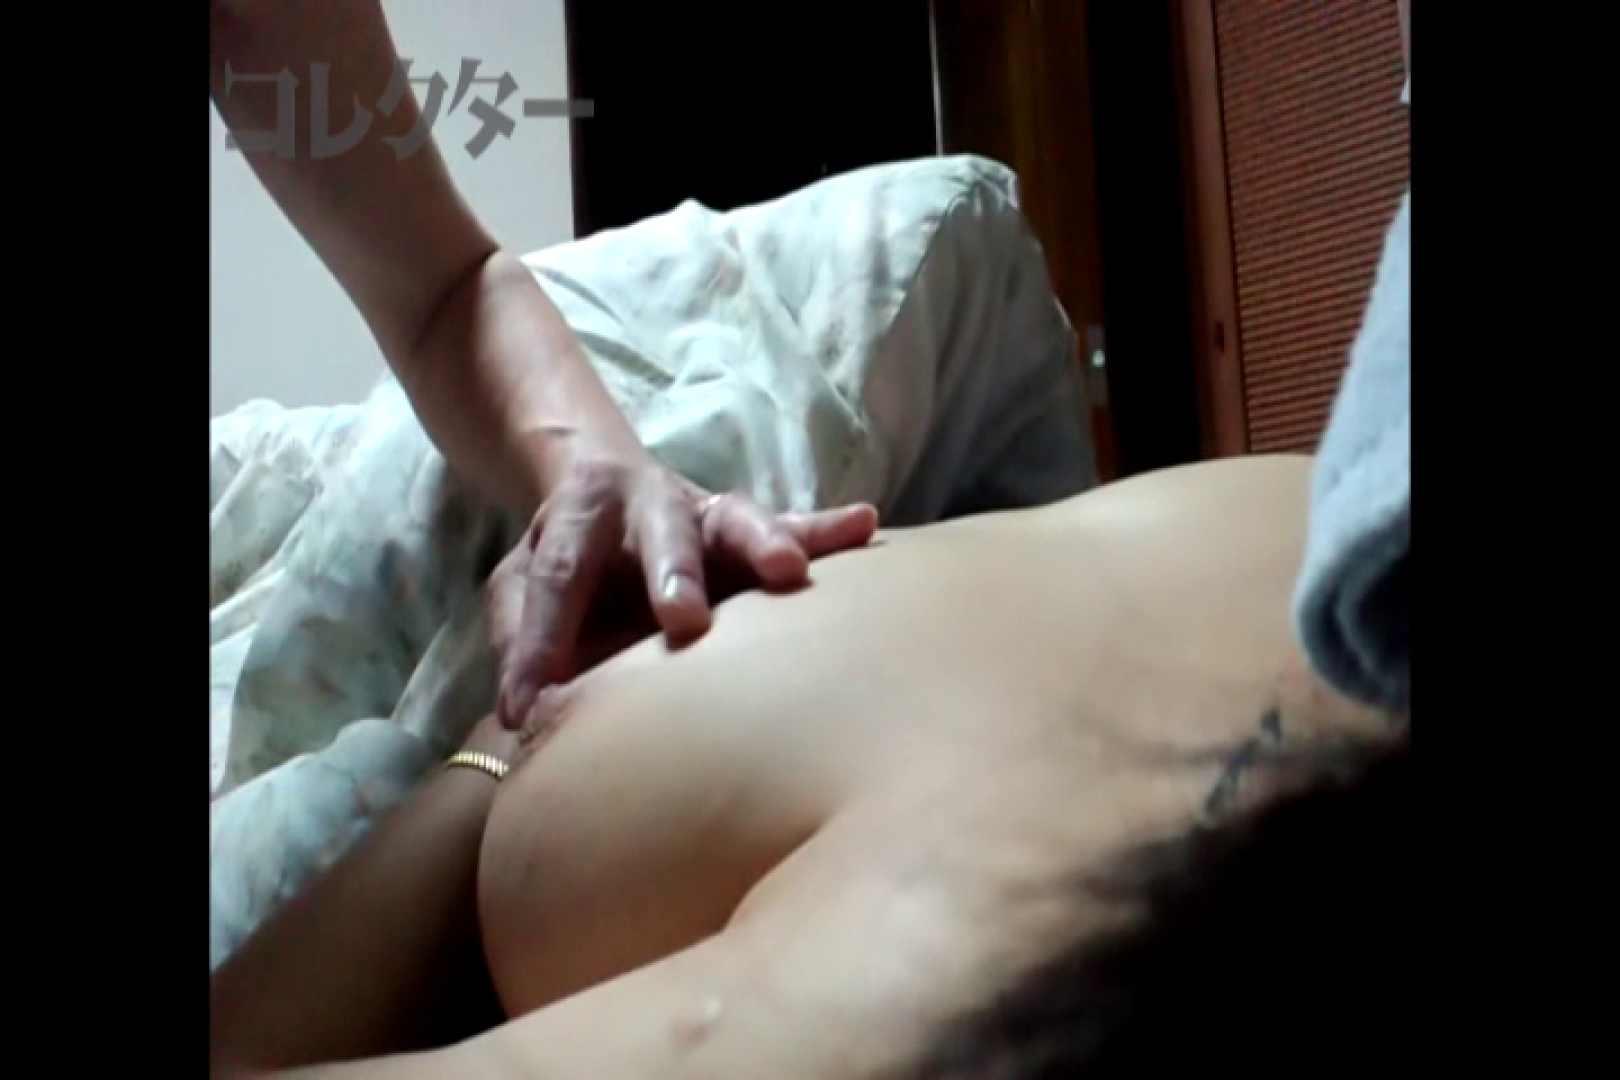 爆酔爆乳美女Vol.02 OLのボディ スケベ動画紹介 91PIX 26